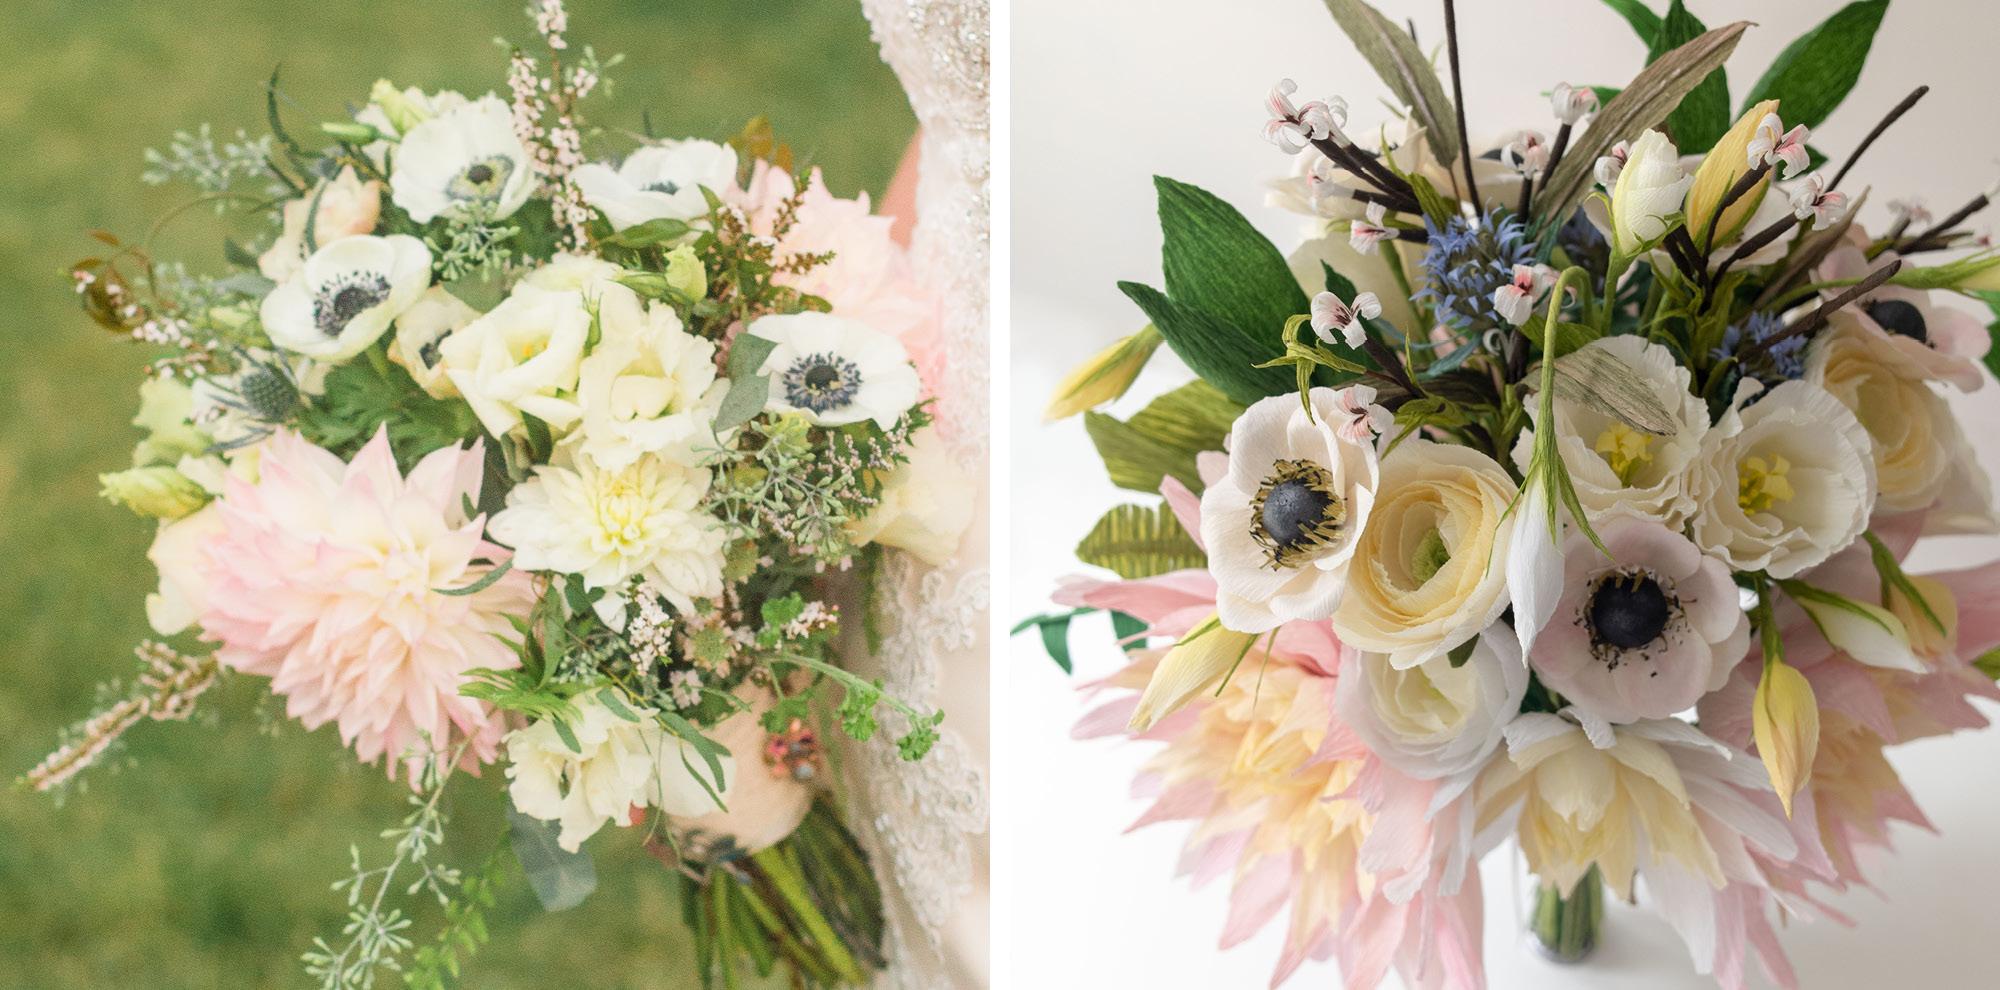 Paper Rose Co. Wedding Bouquet Recreation Comparison 2